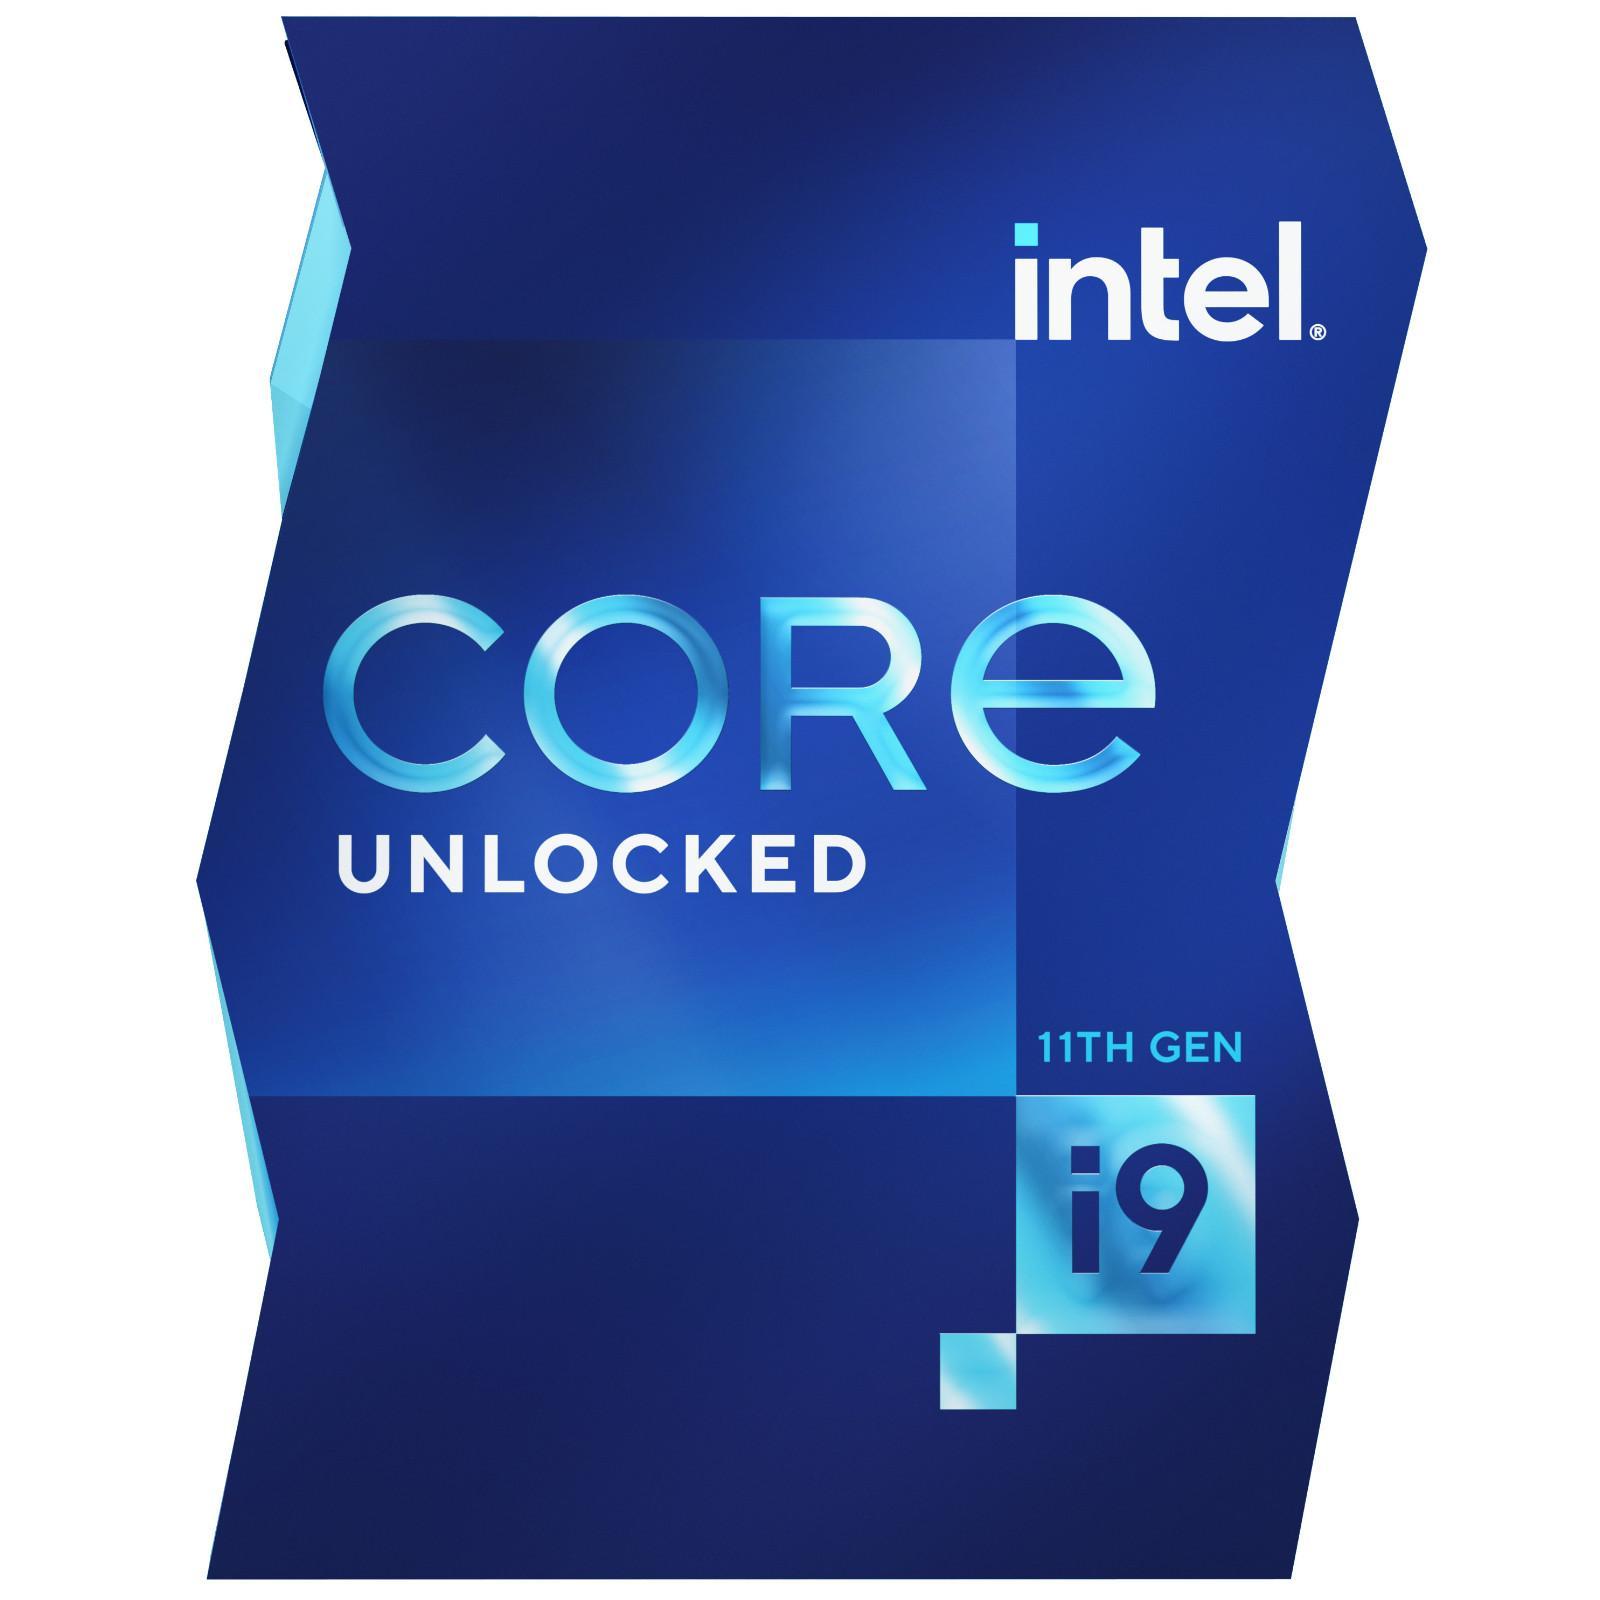 Процесор Intel Rocket Lake Core i9-11900K, 8 Cores, 3.50 GHz (Up to 5.30Ghz), 16MB, 125 W, LGA1200, BOX